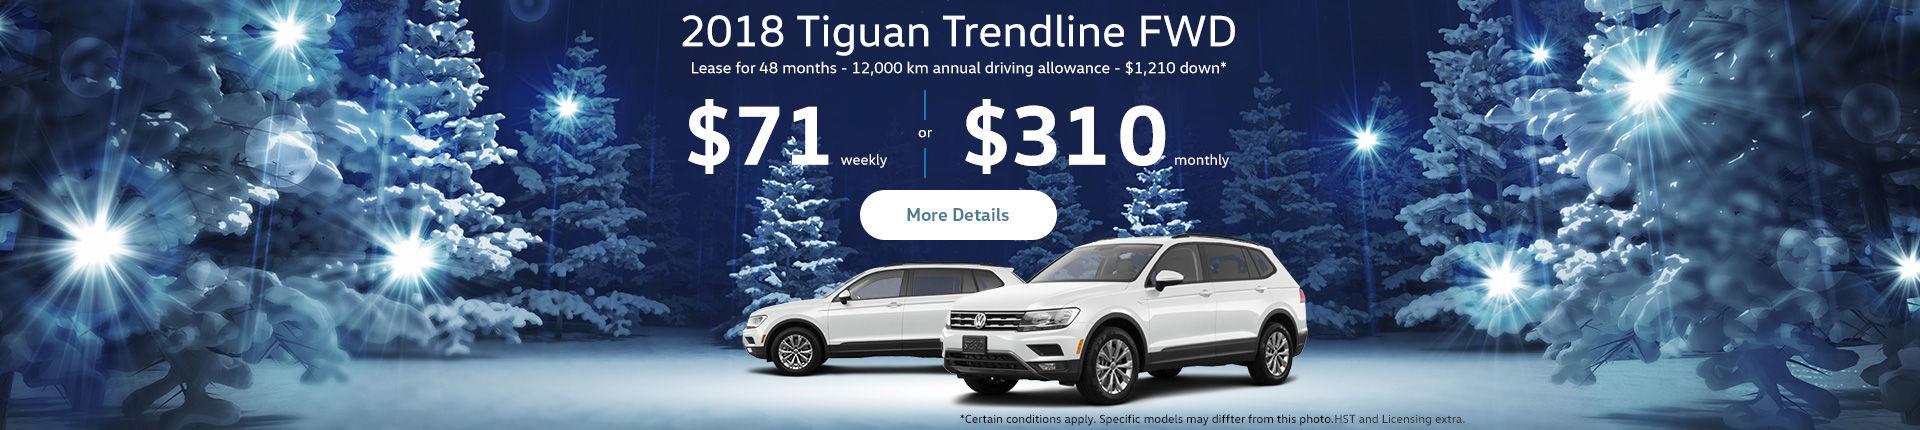 Tiguan December Offer